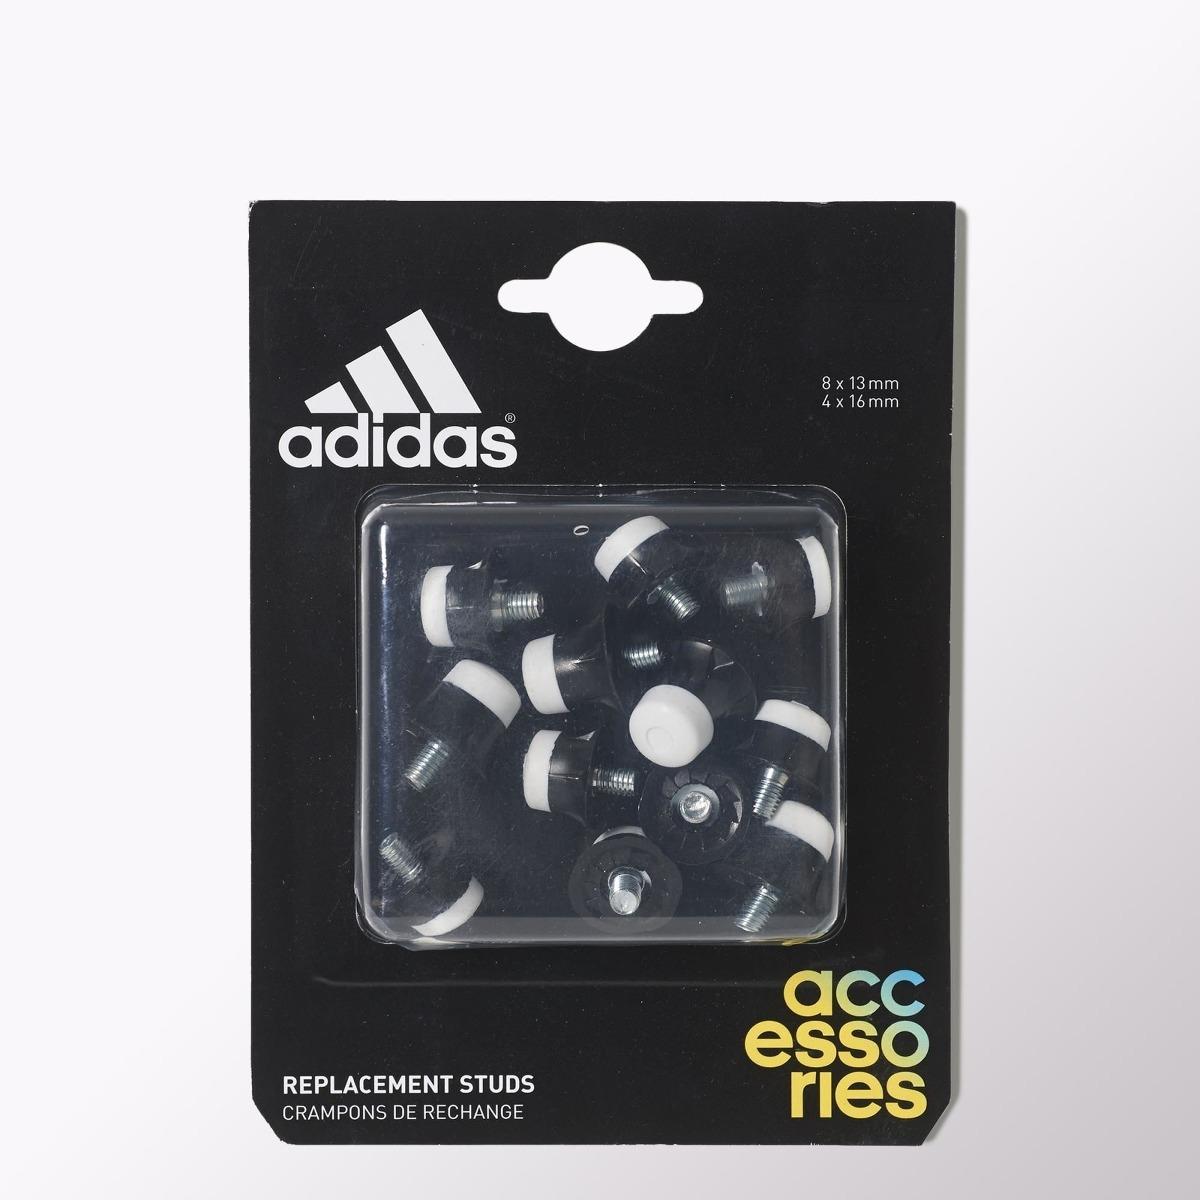 b0fc17691e9e3 Kit 12 Travas adidas 13 17mm Asics Morelia Nike Puma 1magnus - R ...